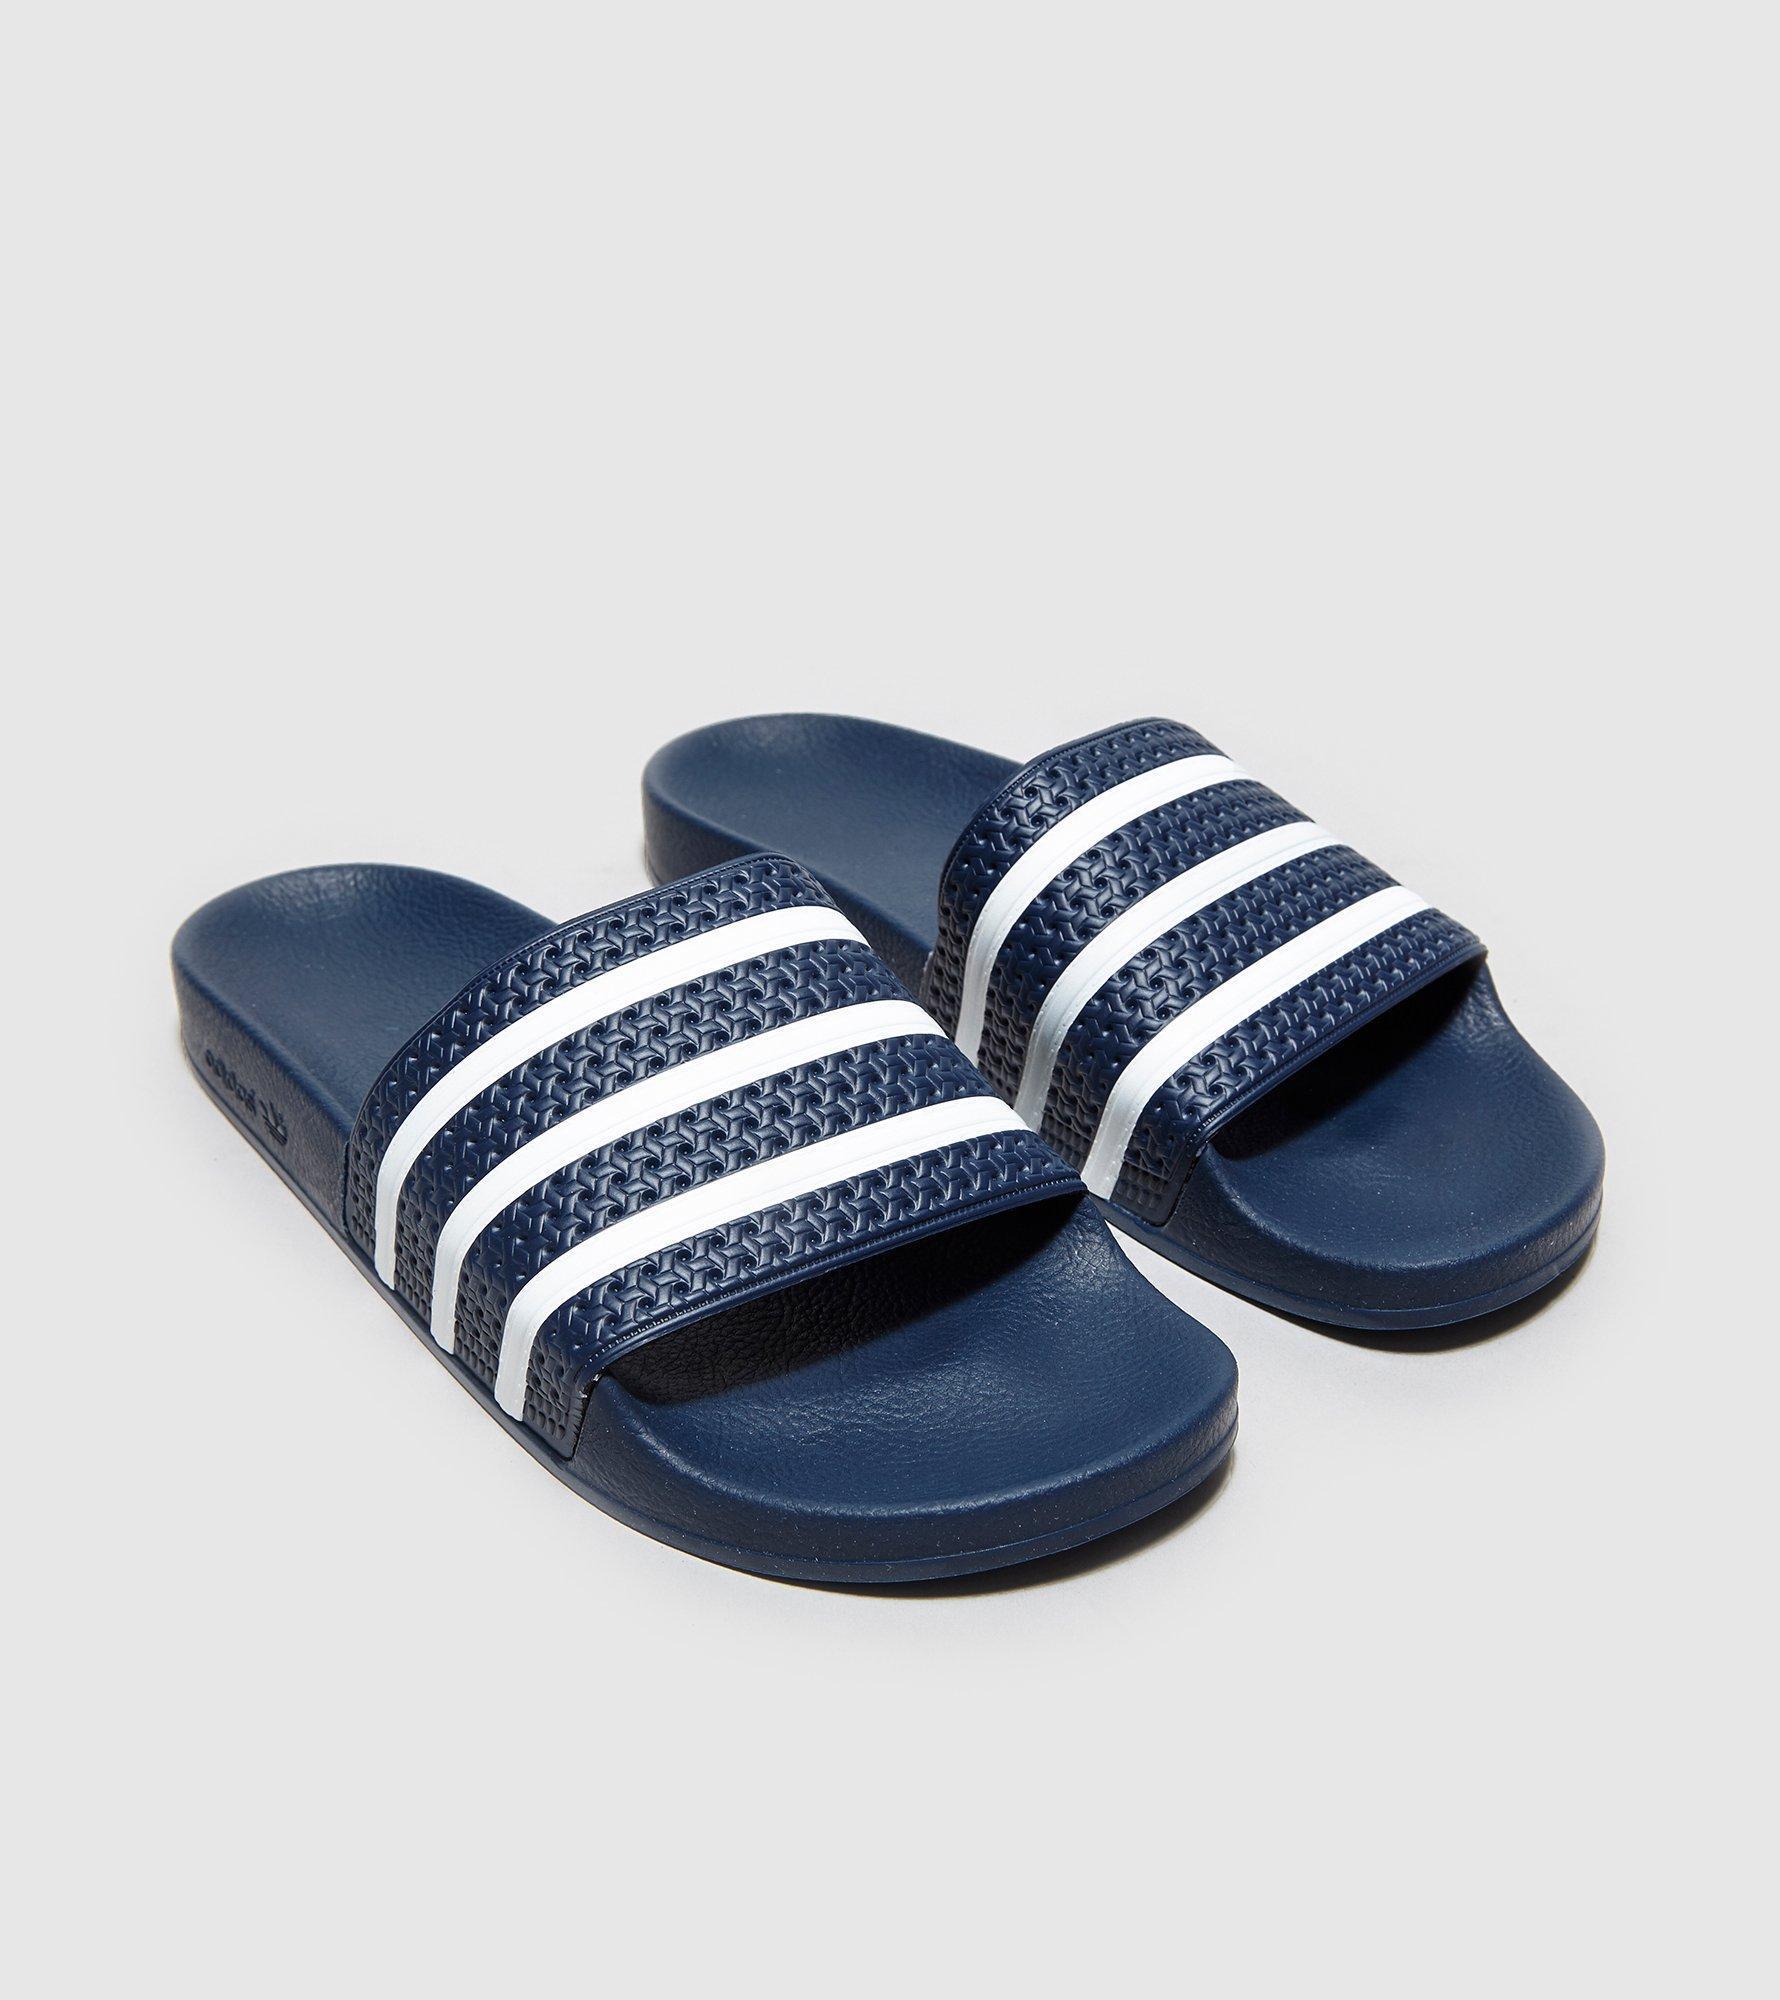 adea1c323509b7 Adidas Originals Adilette Slides in Blue for Men - Lyst